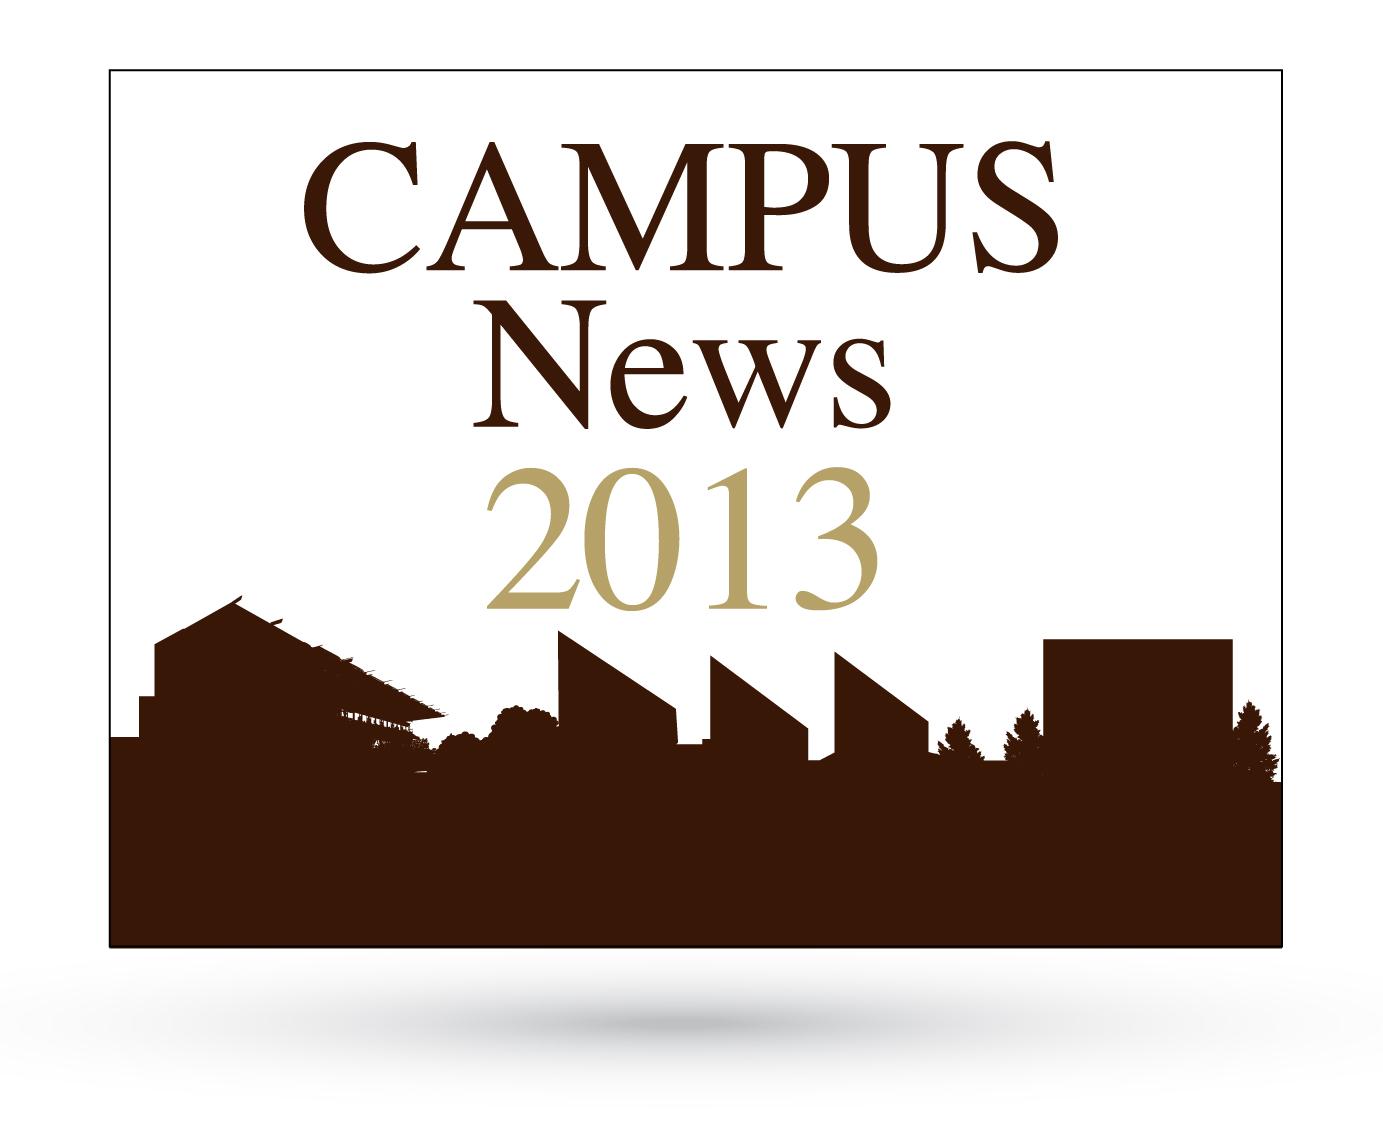 Campus News 2013